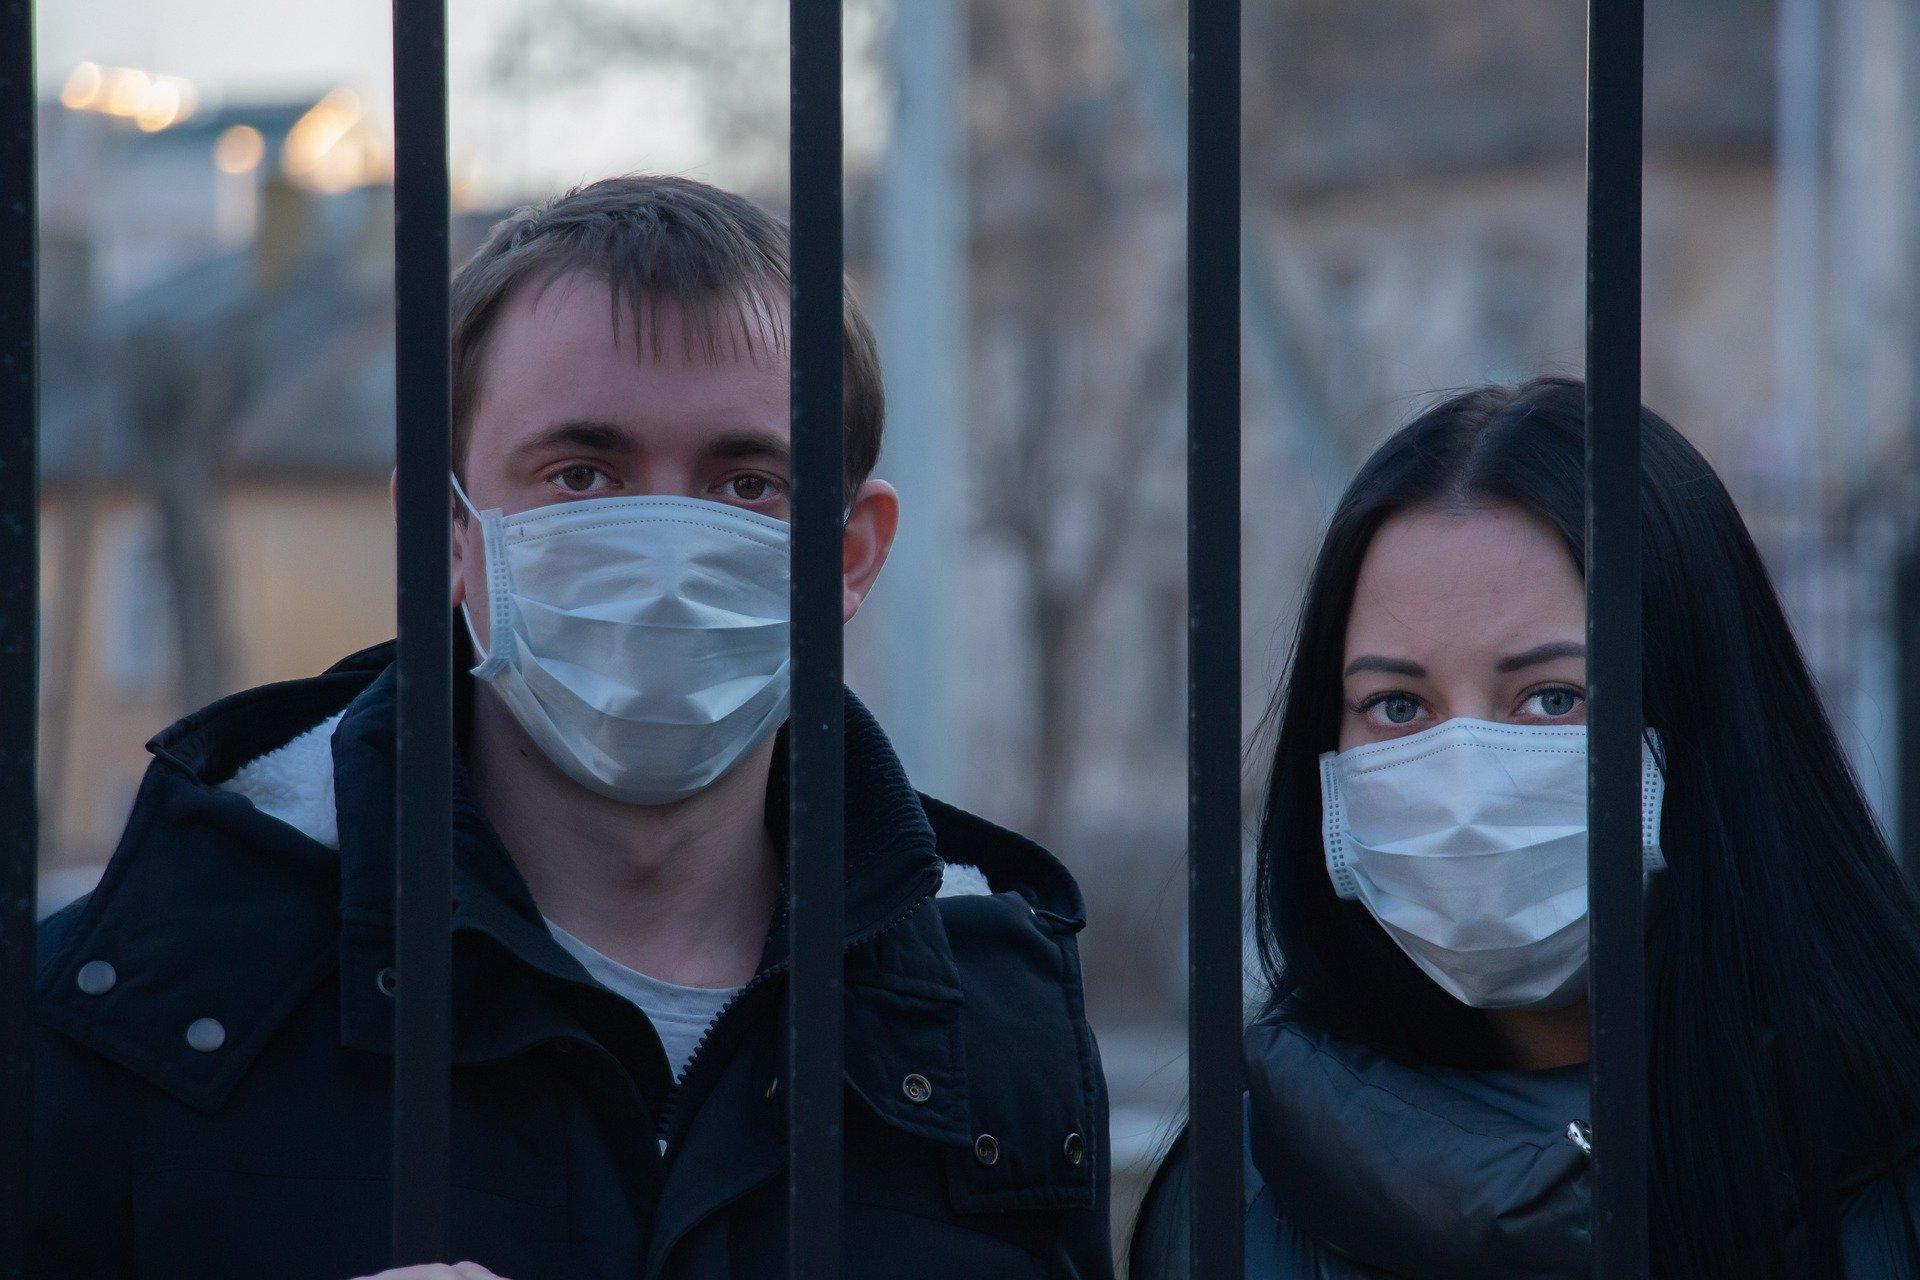 Где и сколько заболевших коронавирусной инфекцией в России  на сегодня 22 апреля 2020 года – столичные власти ужесточают мероприятия по борьбе с COVID-19